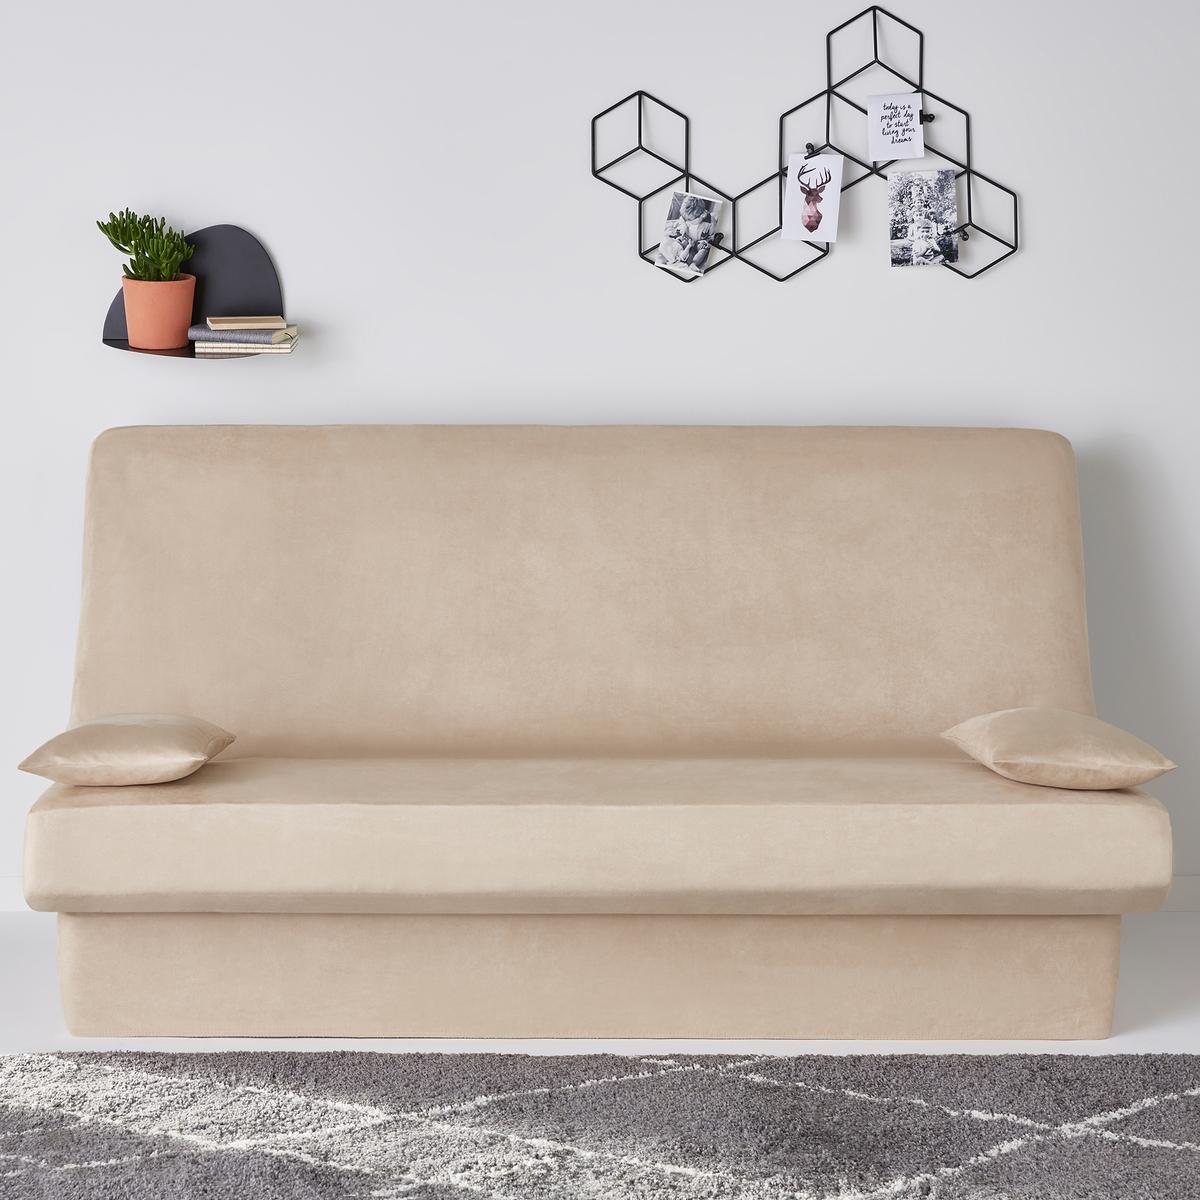 Чехол для раскладного дивана из искусственной замши KALA